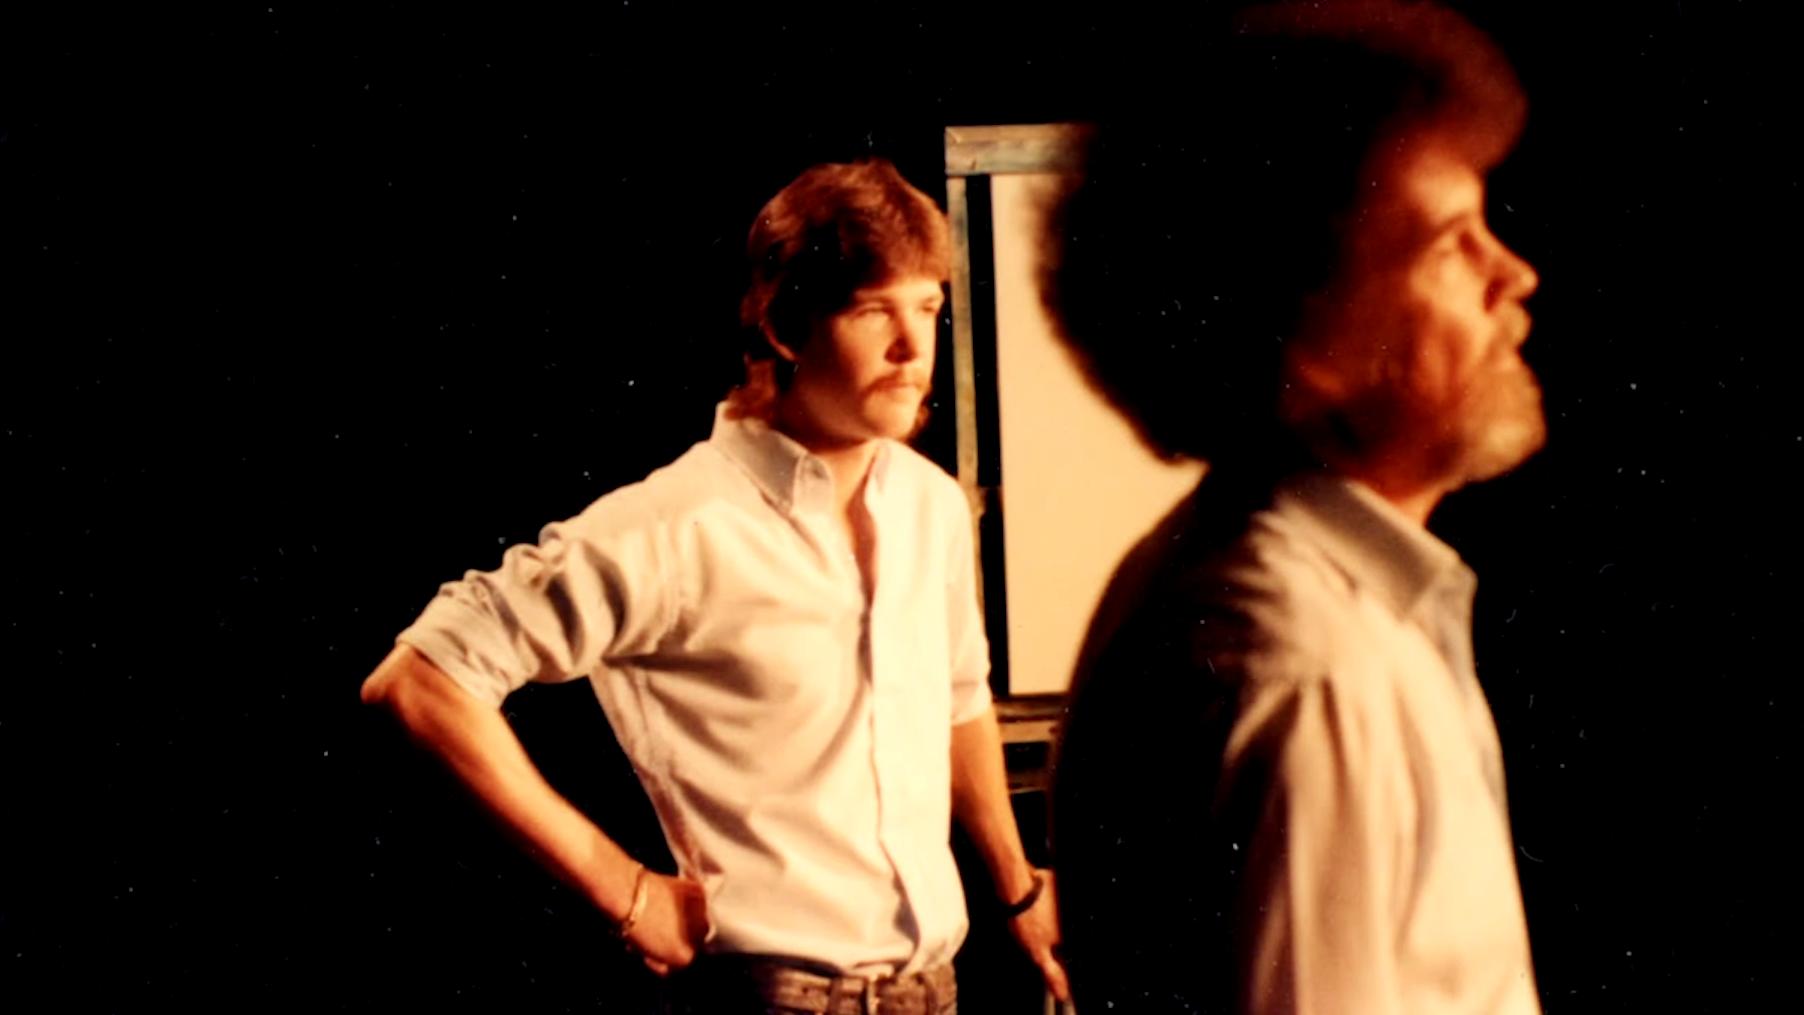 Bob Ross and son, Steve Ross